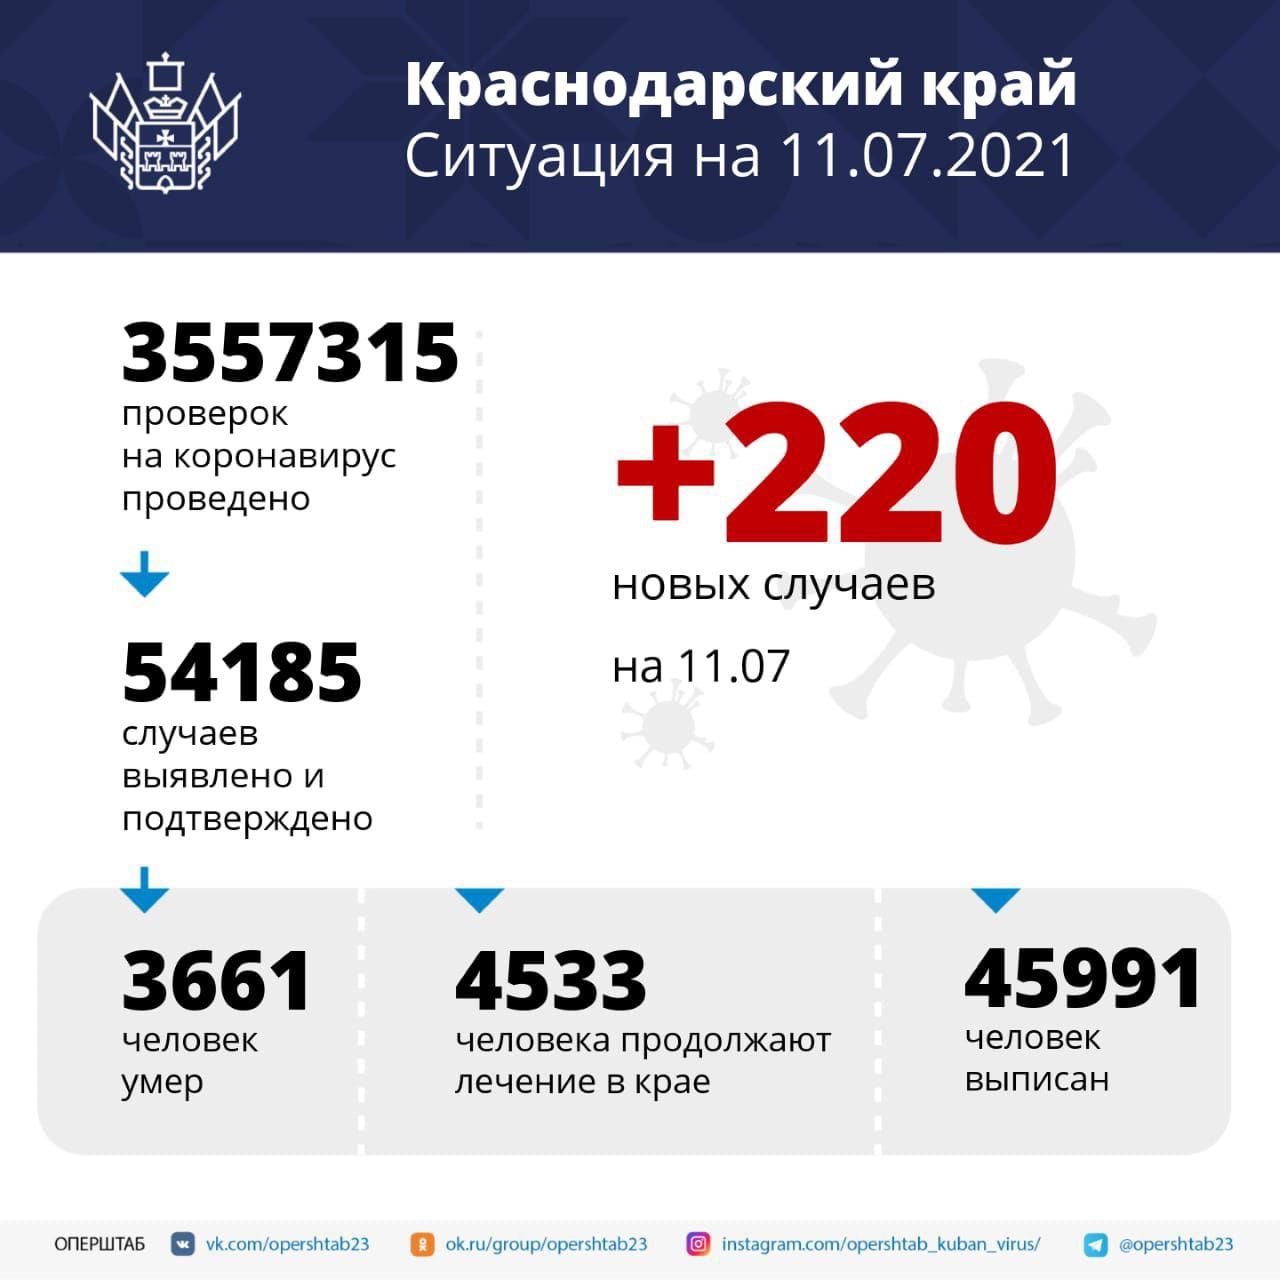 В Краснодарском крае за сутки зарегистрировали 220 случаев...